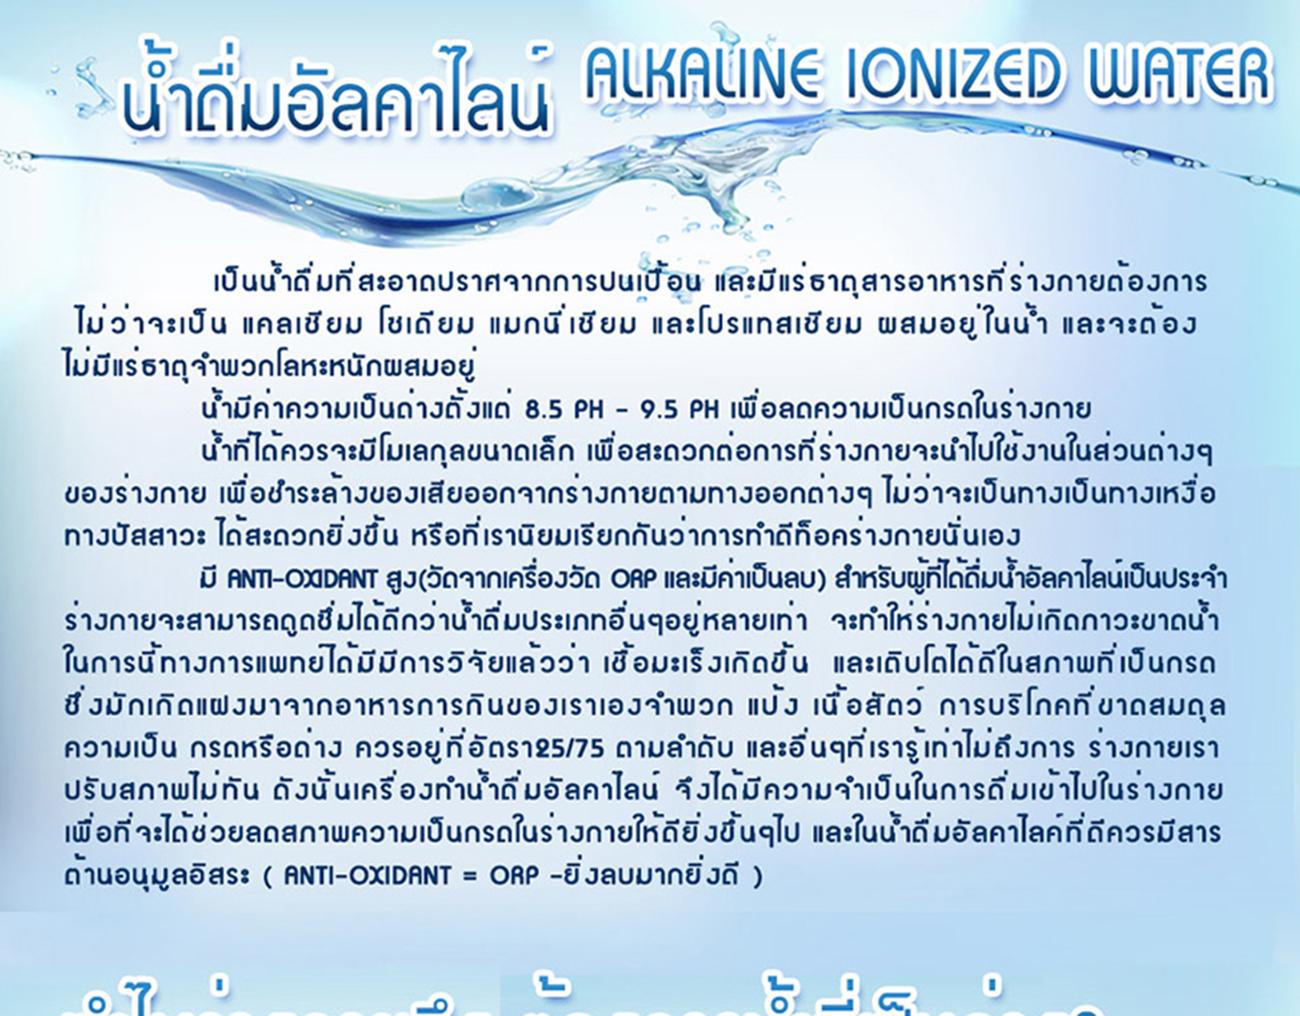 เครื่องทำน้ำด่างเพื่อสุขภาพ 360 Alkalize Water